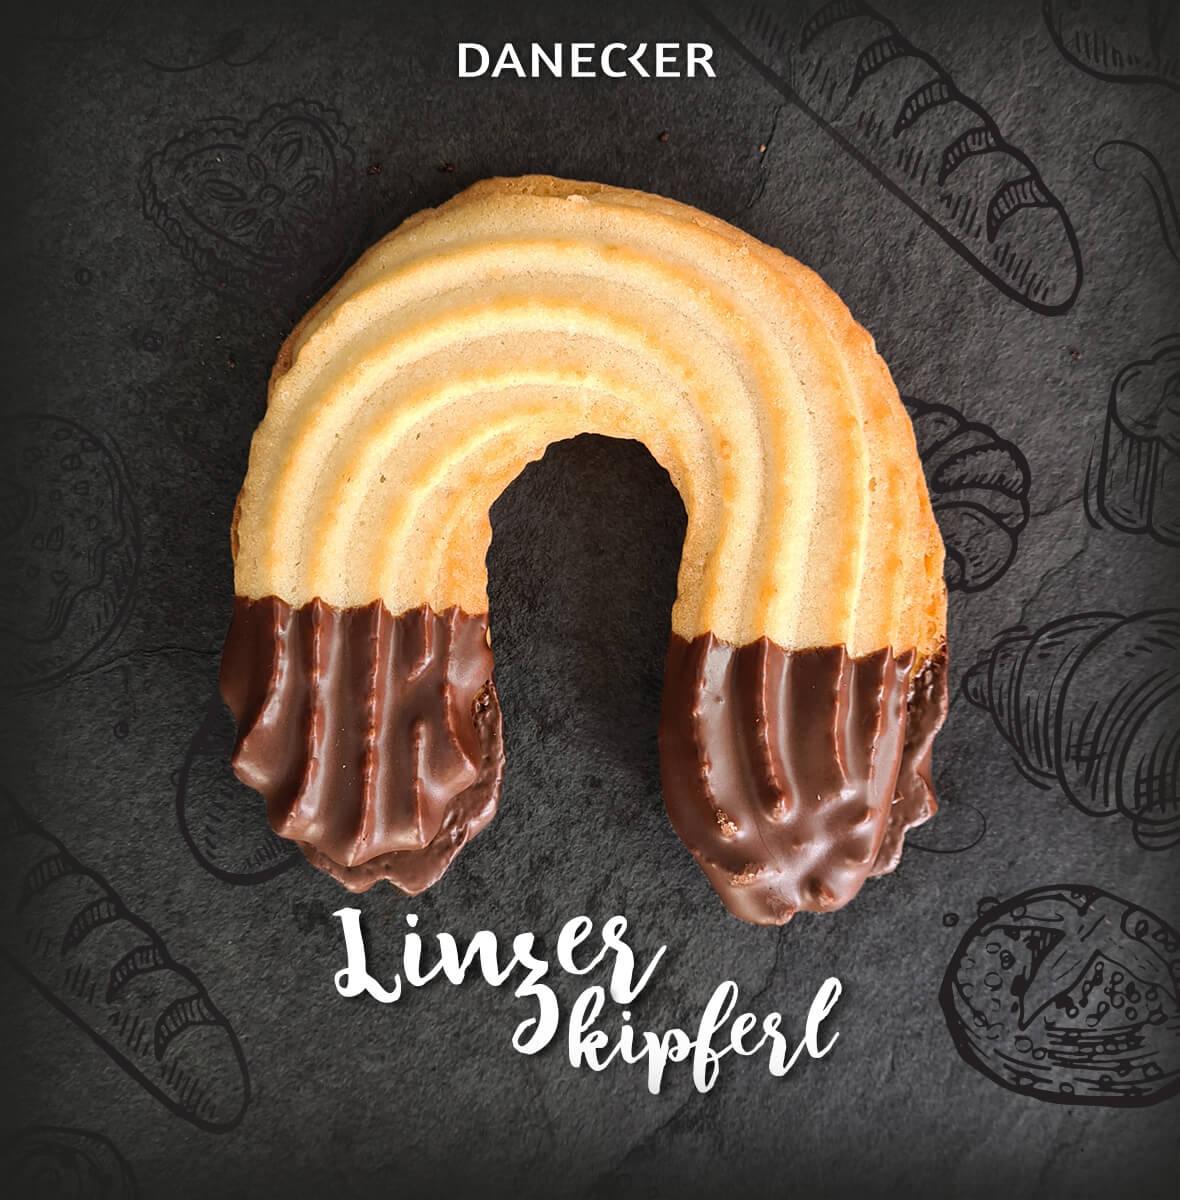 Linzerkipferl Mehlspeisen Danecker Bäckerei Konditorei Amstetten Bahnhof, Allersdorf, Greinsfurth, Perg, Linz, Wallsee, Aschbach, Mauer